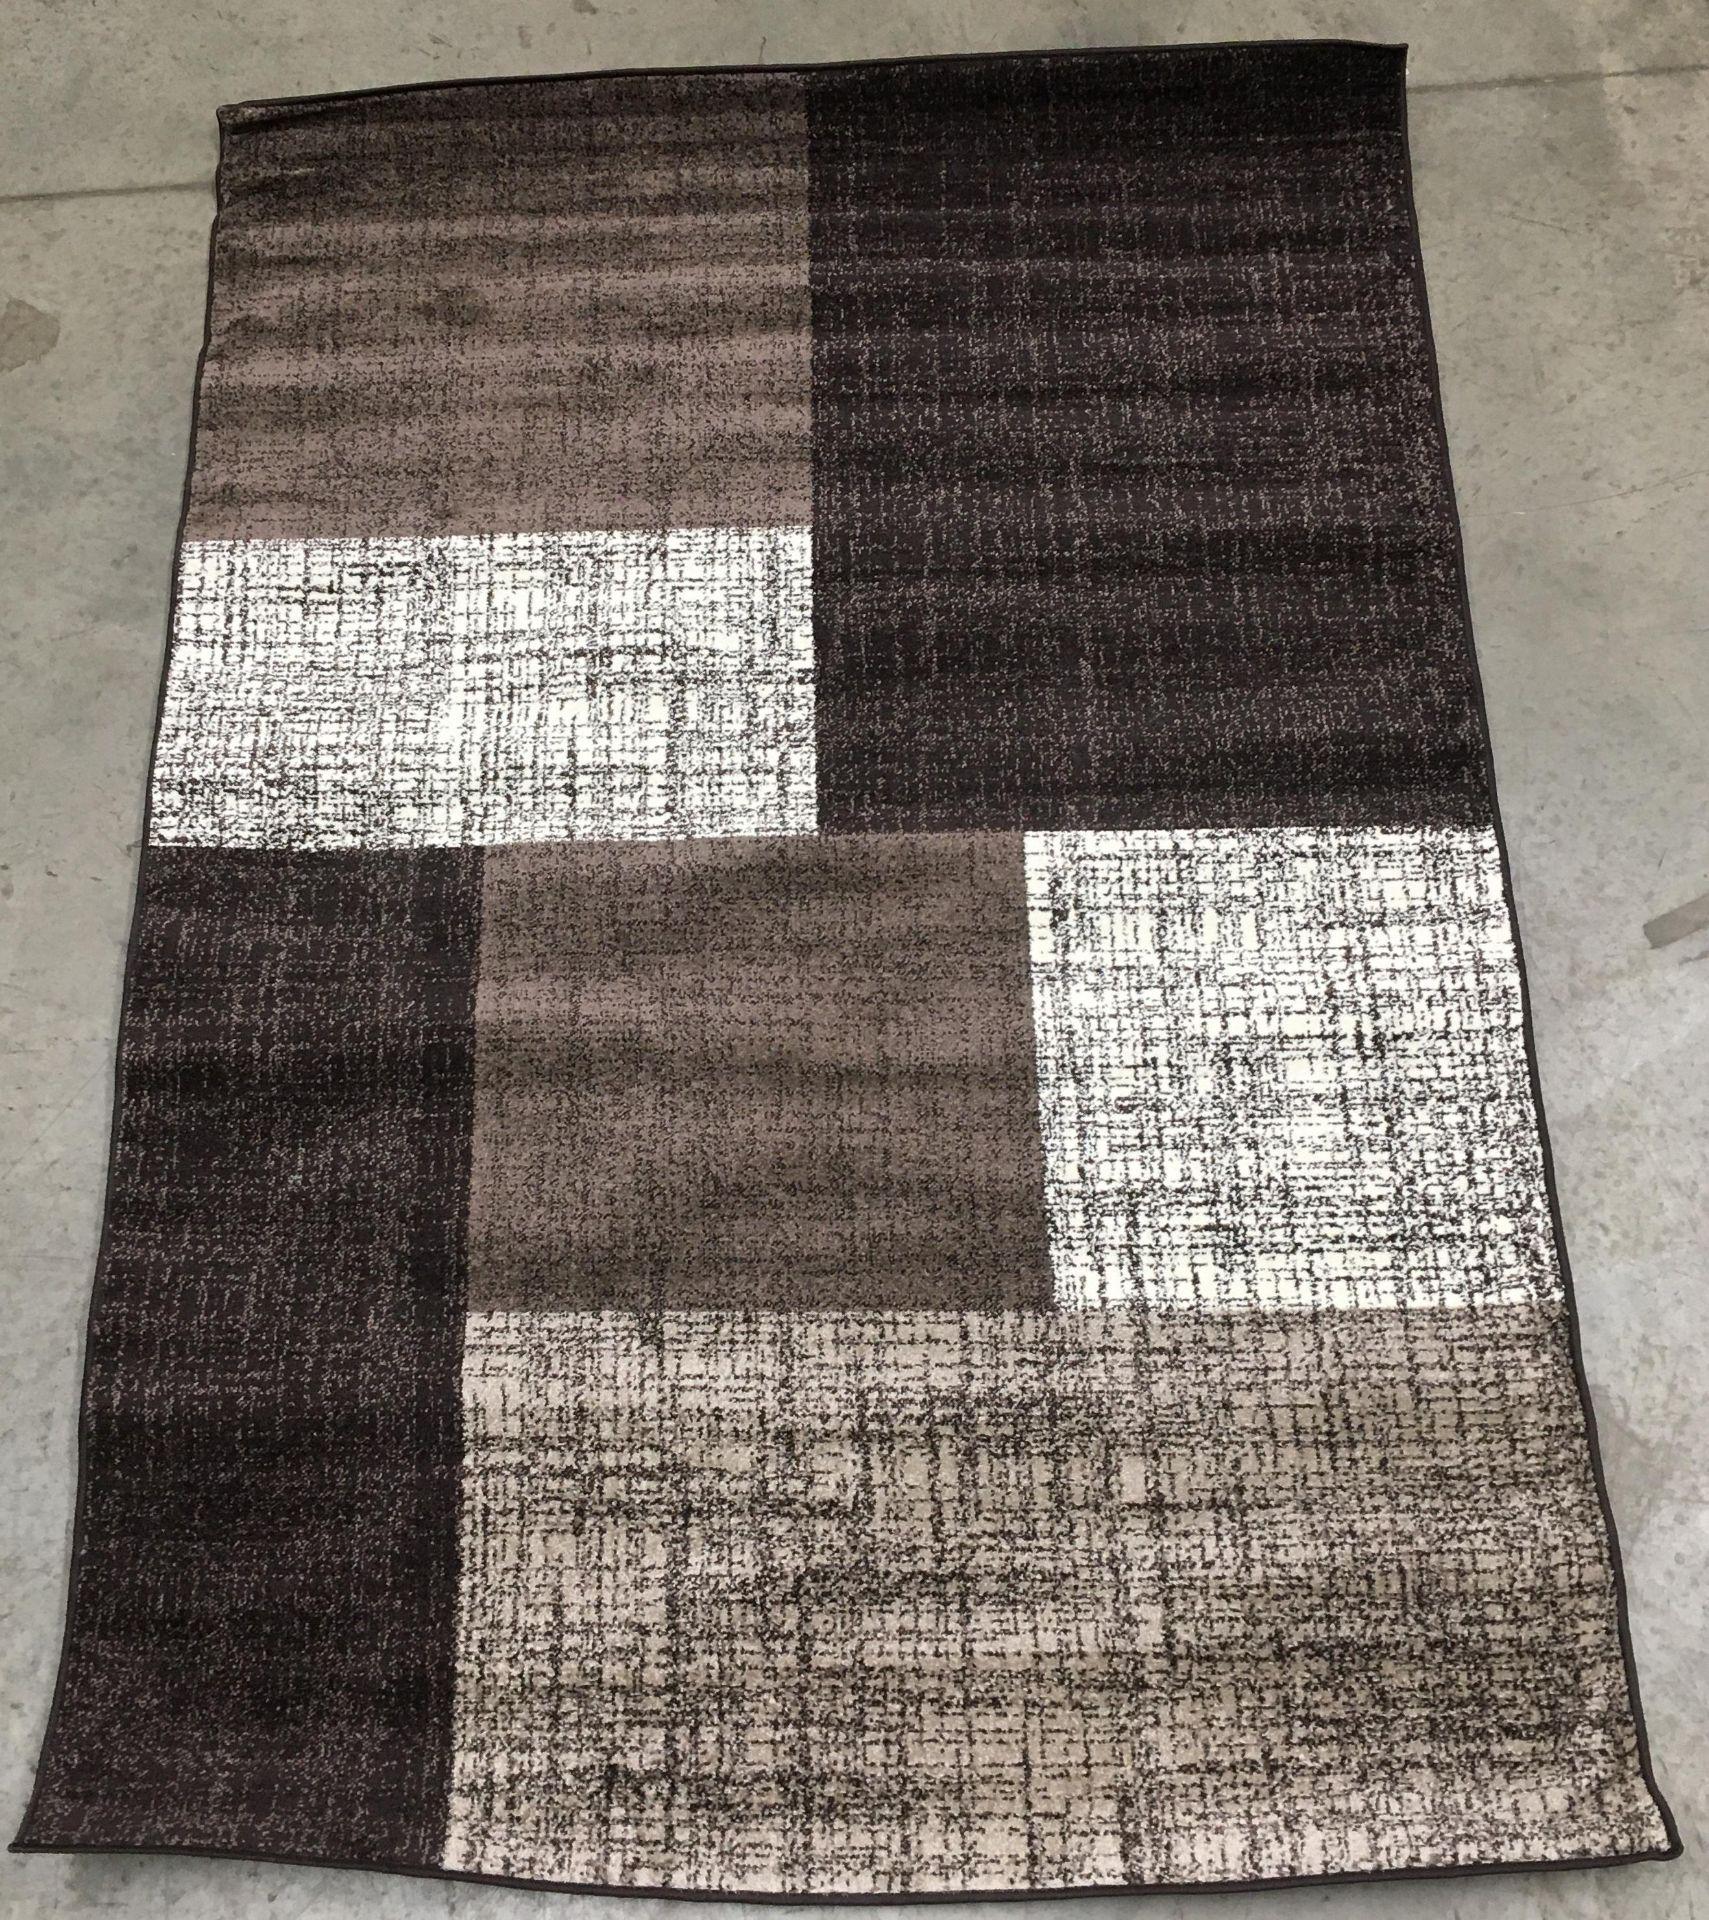 Lot 18 - A Paco Home Mondial 105 brown rug - 160cm x 230cm